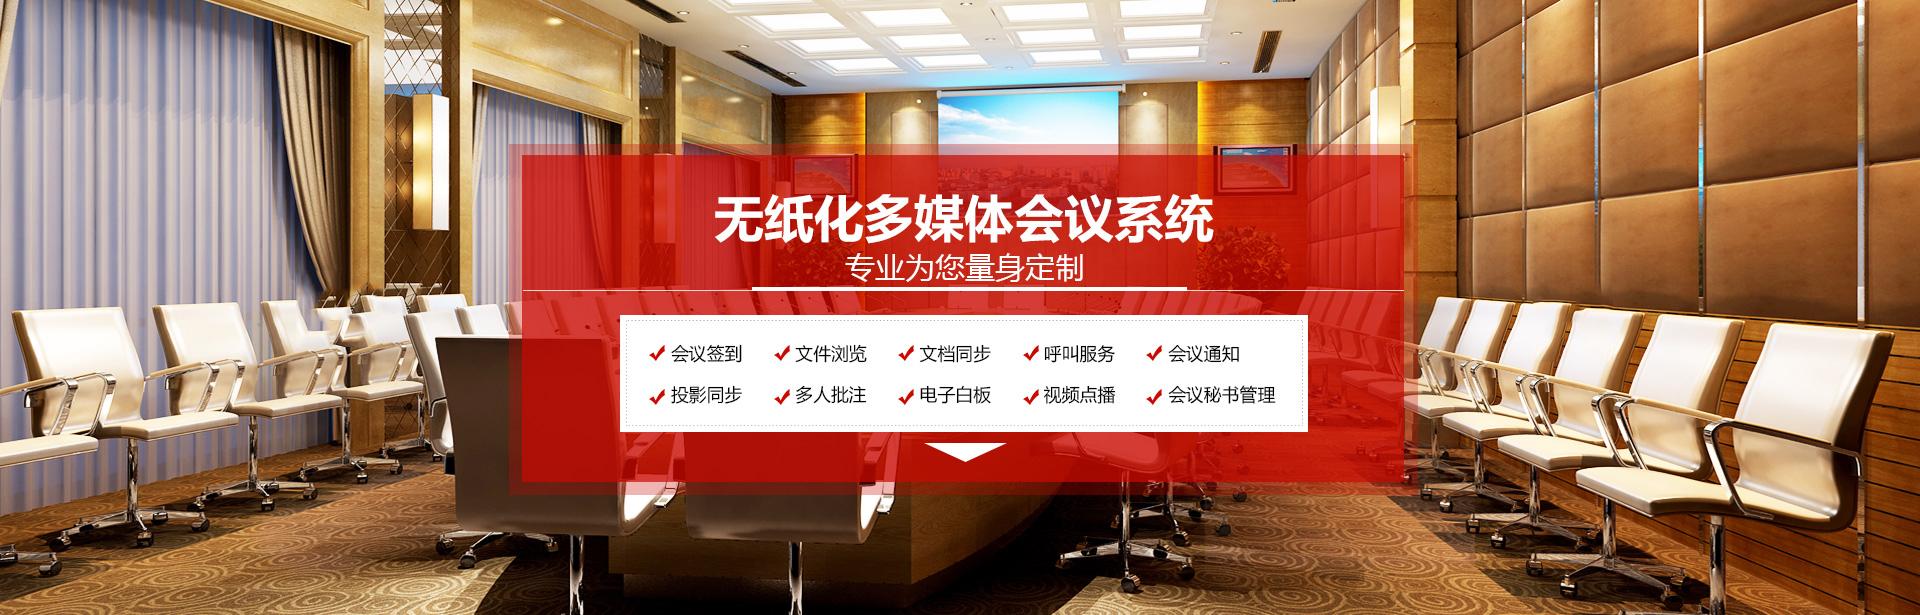 關于天博平台官网banner